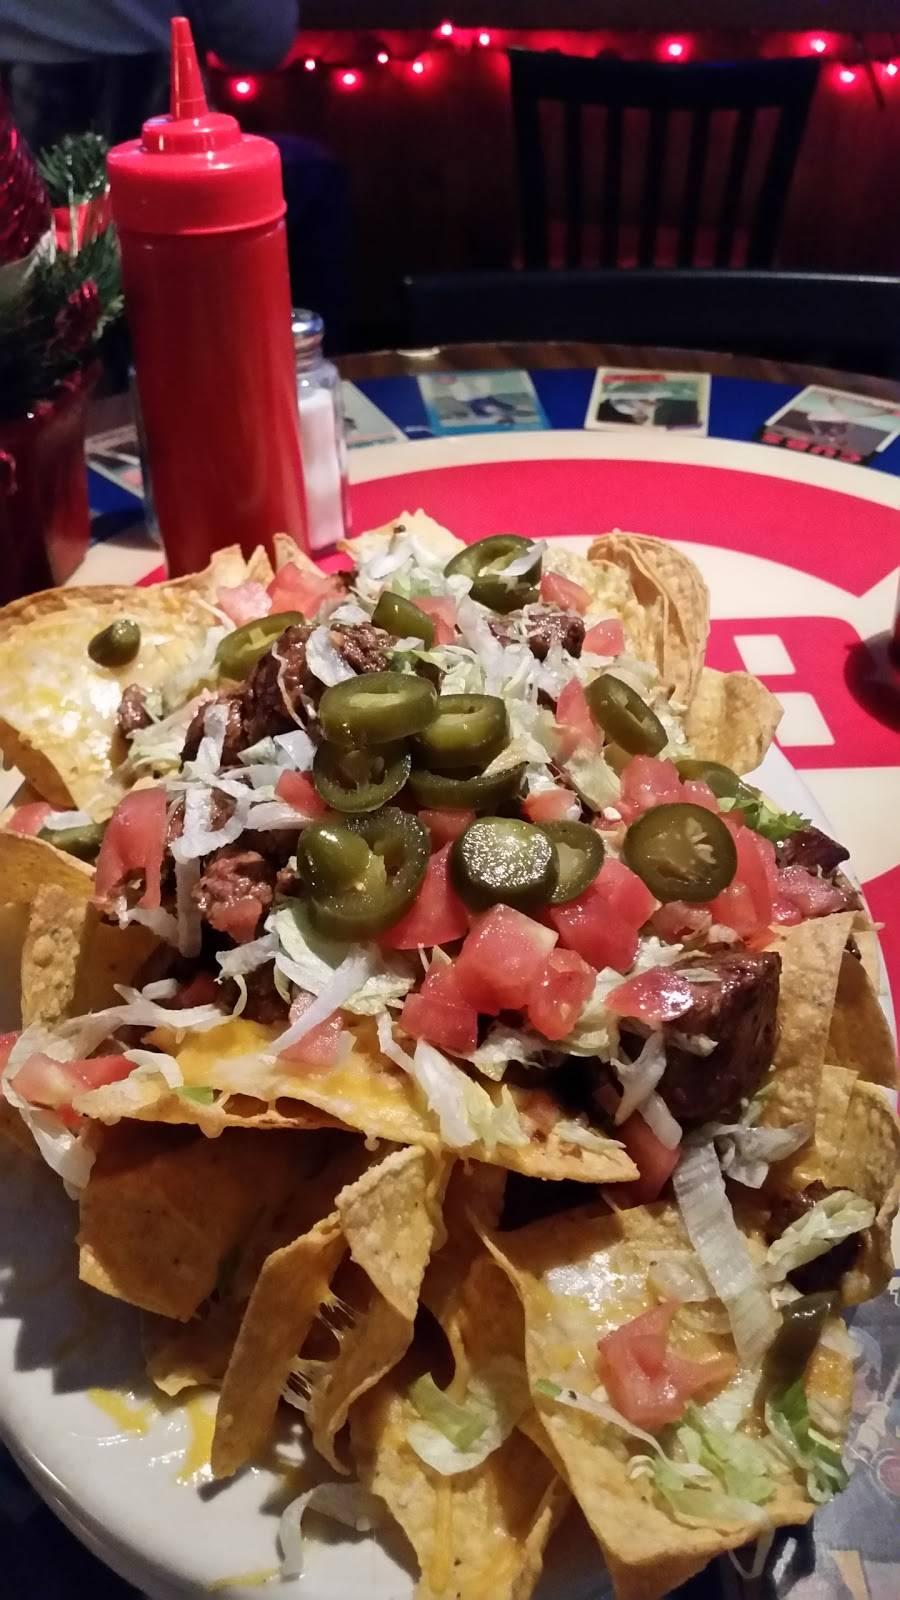 The Getaway Grille & Cubbie Bar   restaurant   9489 Red Arrow Hwy, Bridgman, MI 49106, USA   2694655932 OR +1 269-465-5932